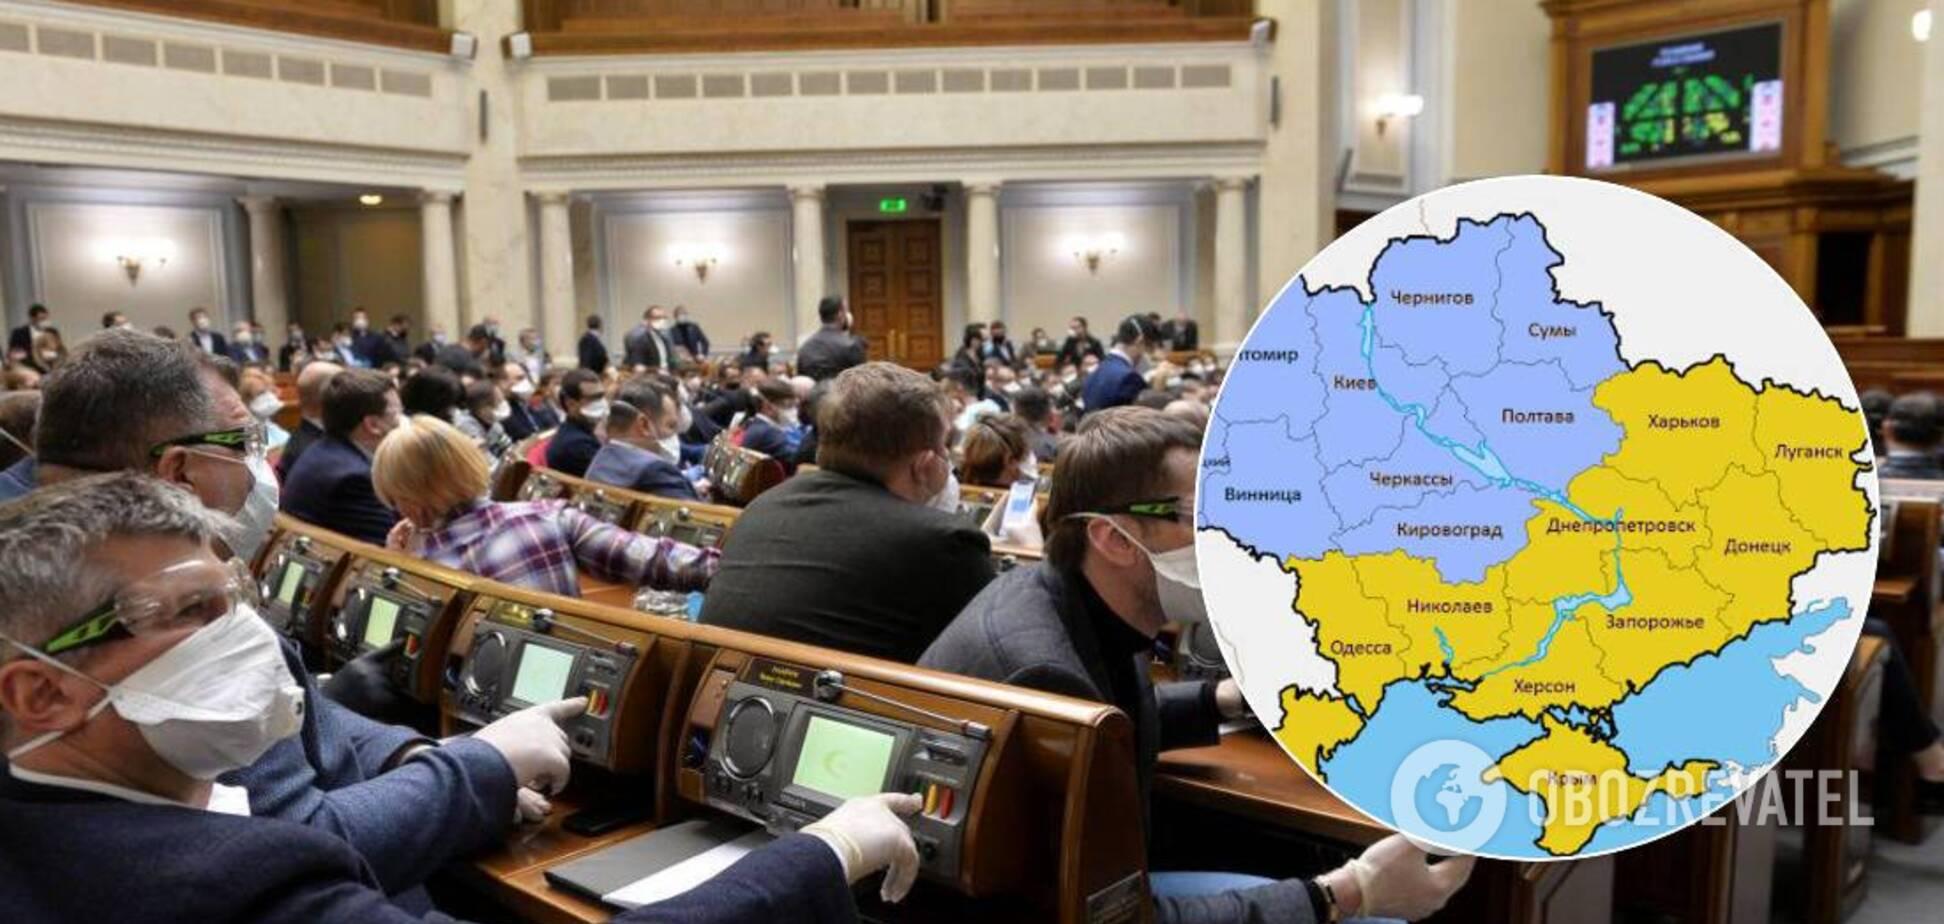 Депутаты грозятся перекрыть дорогу: как на украинцев повлияет сокращение большинства районов